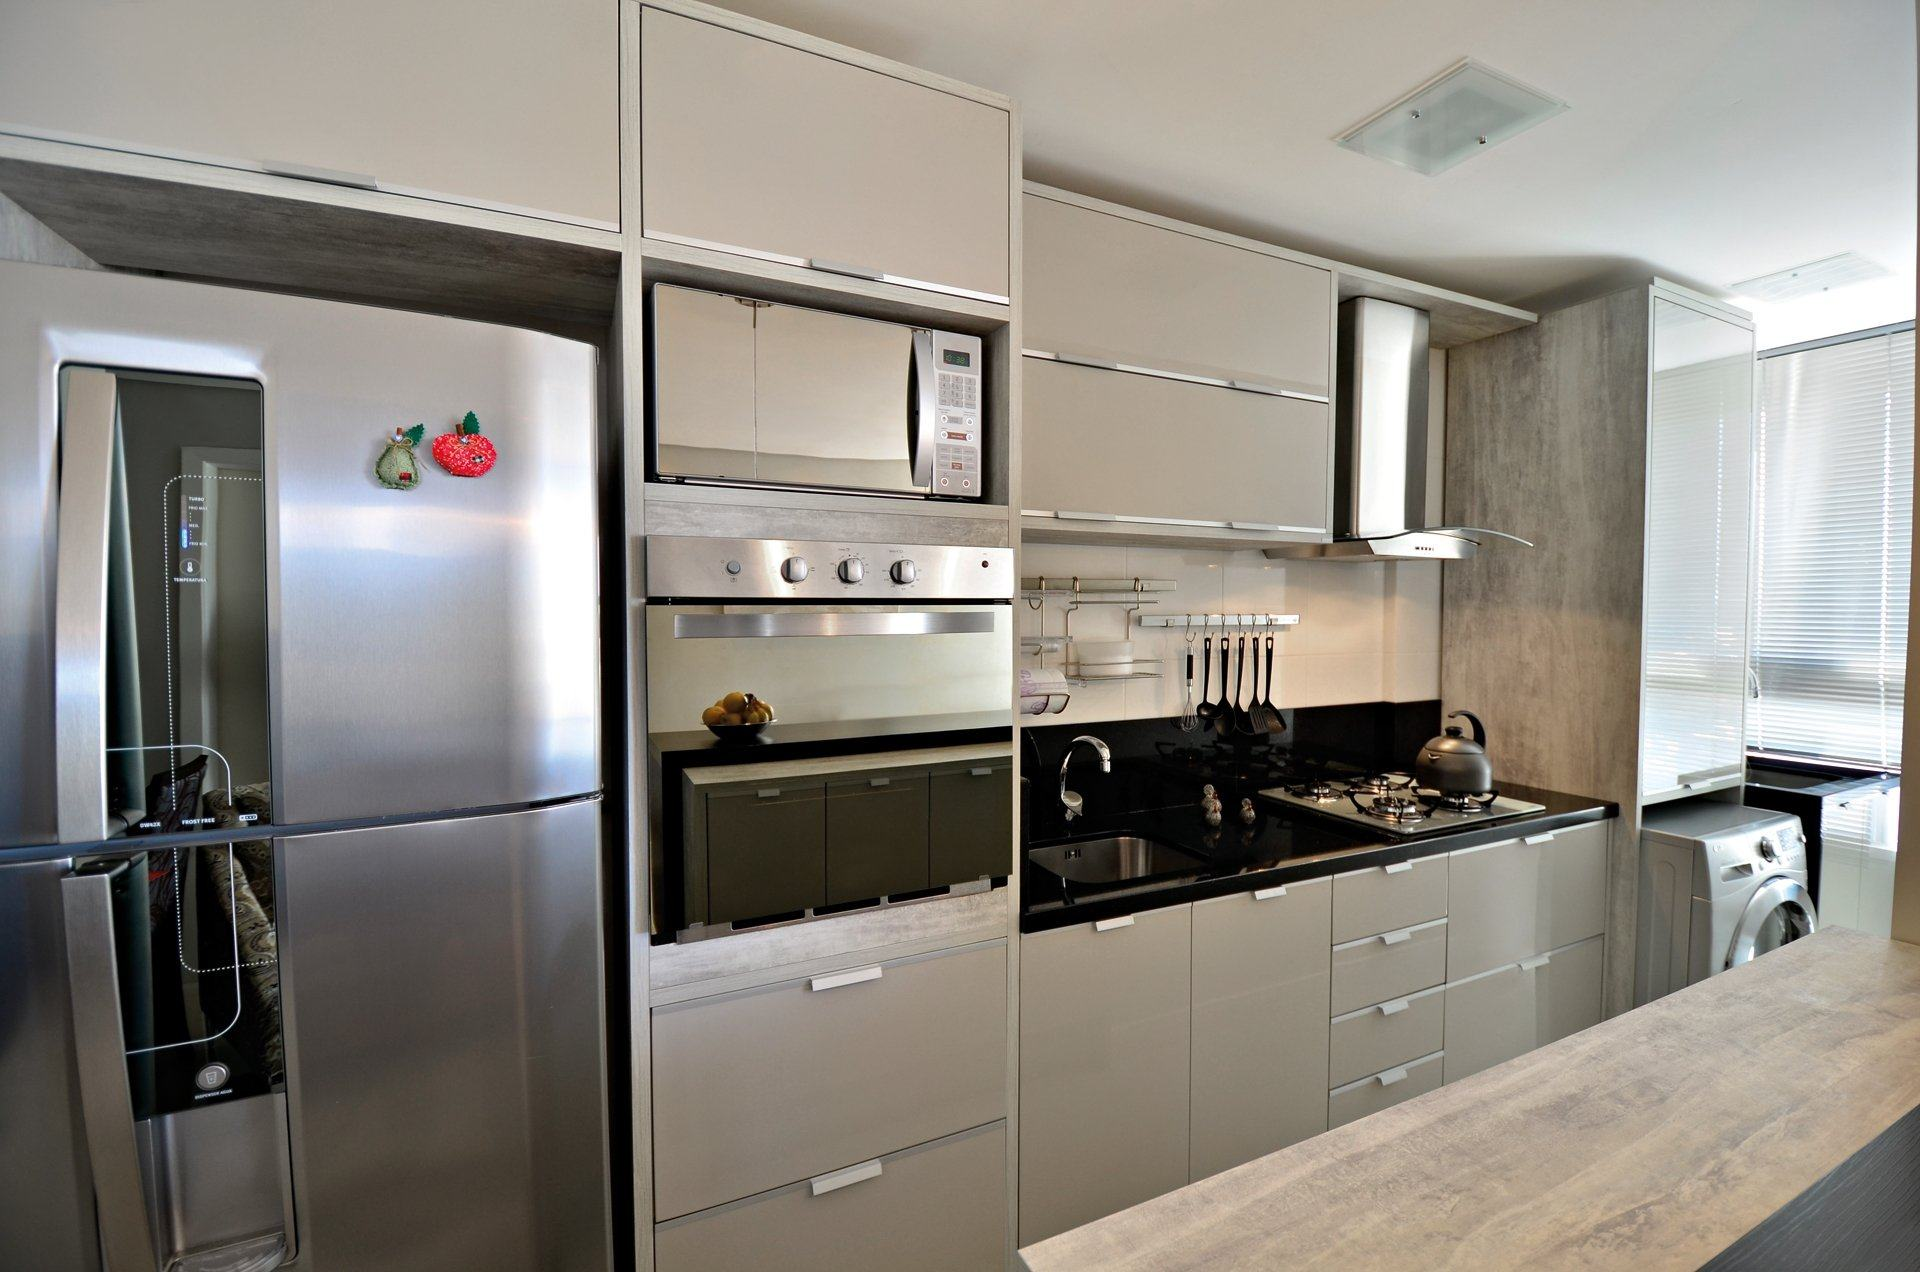 Cozinha Planejada Bege Finest Modelo Cozinha Planejada Para